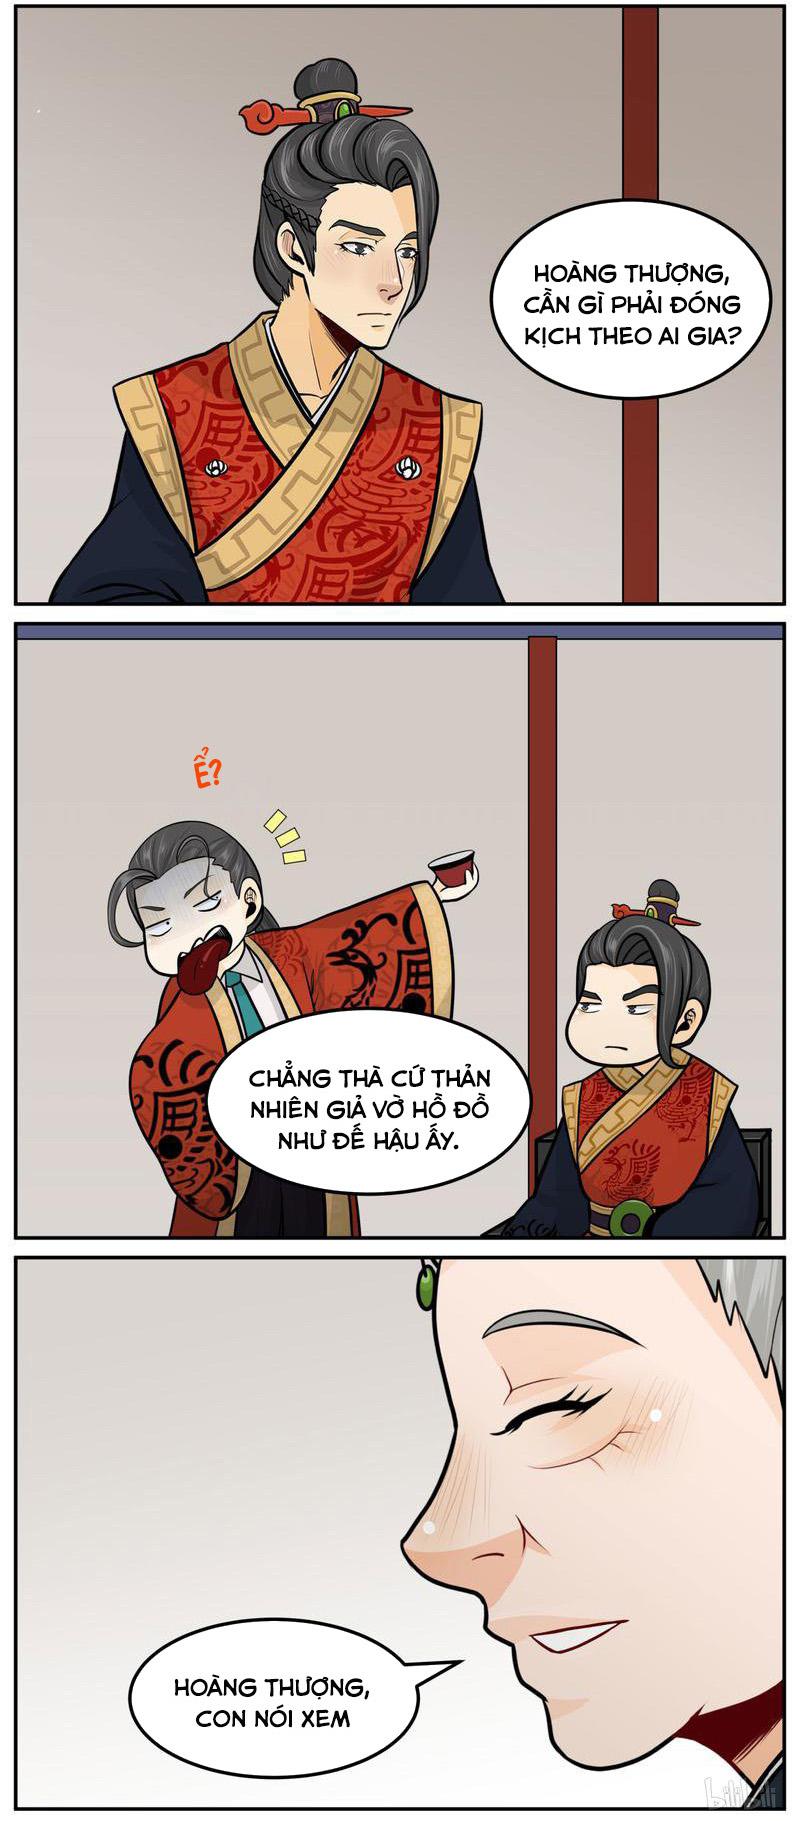 Hoàng Thượng Pê-đê - Hãy Tránh Xa Ta Ra Chap 340 . Next Chap Chap 341